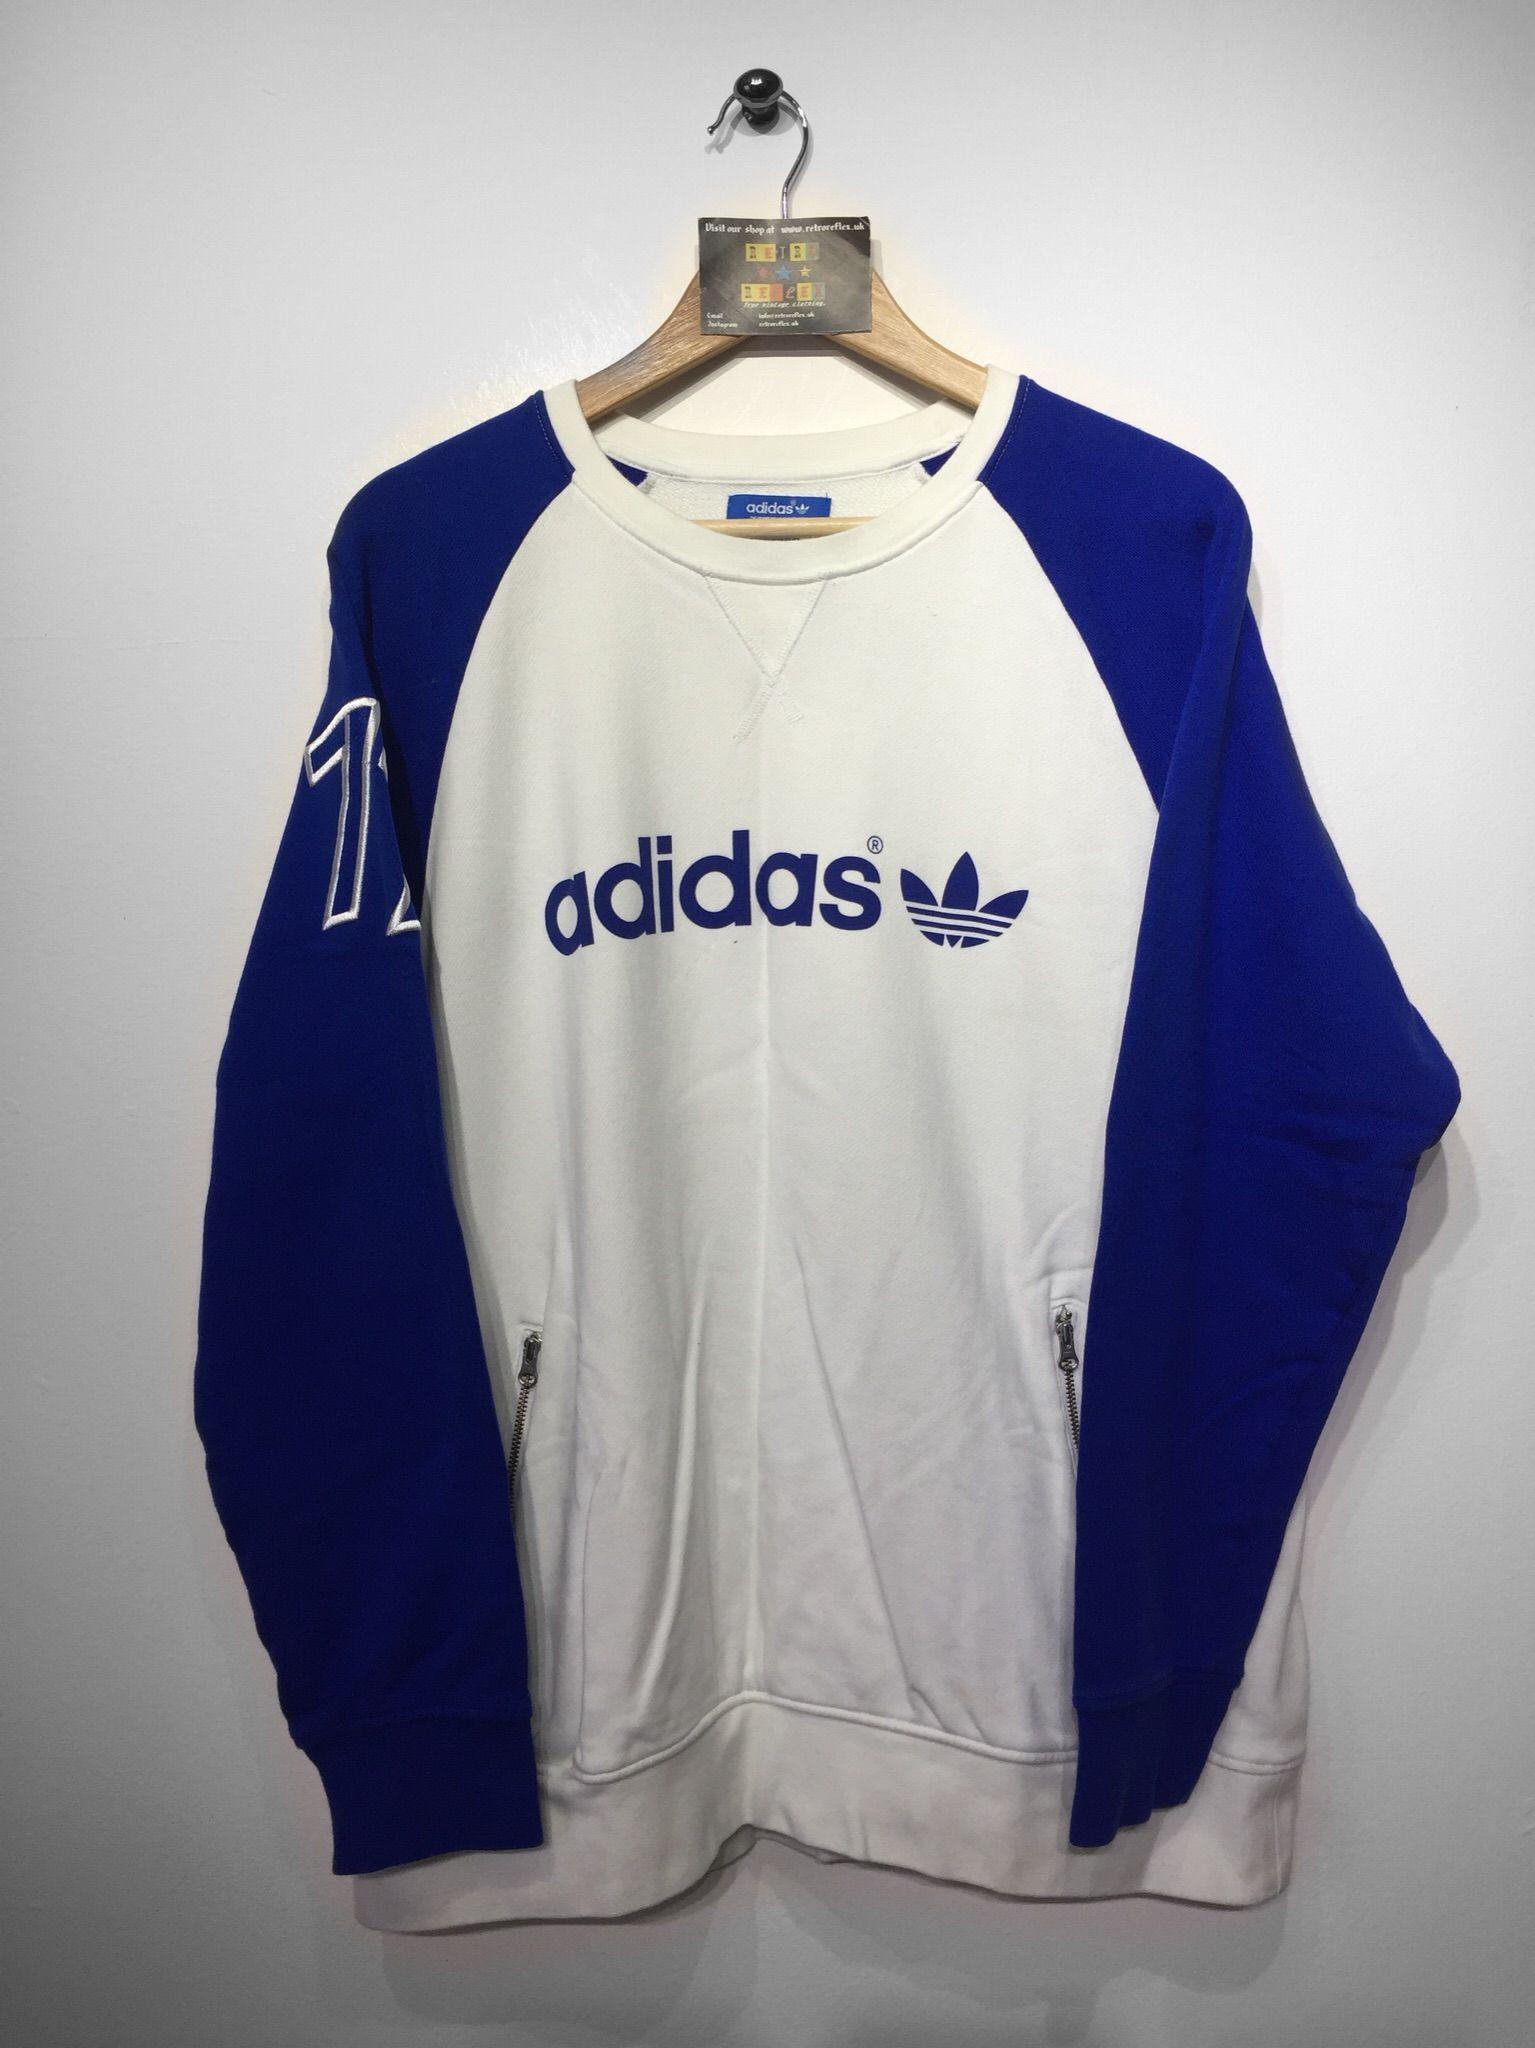 Adidas Sweatshirt size XLarge (but Fits Oversized) £34